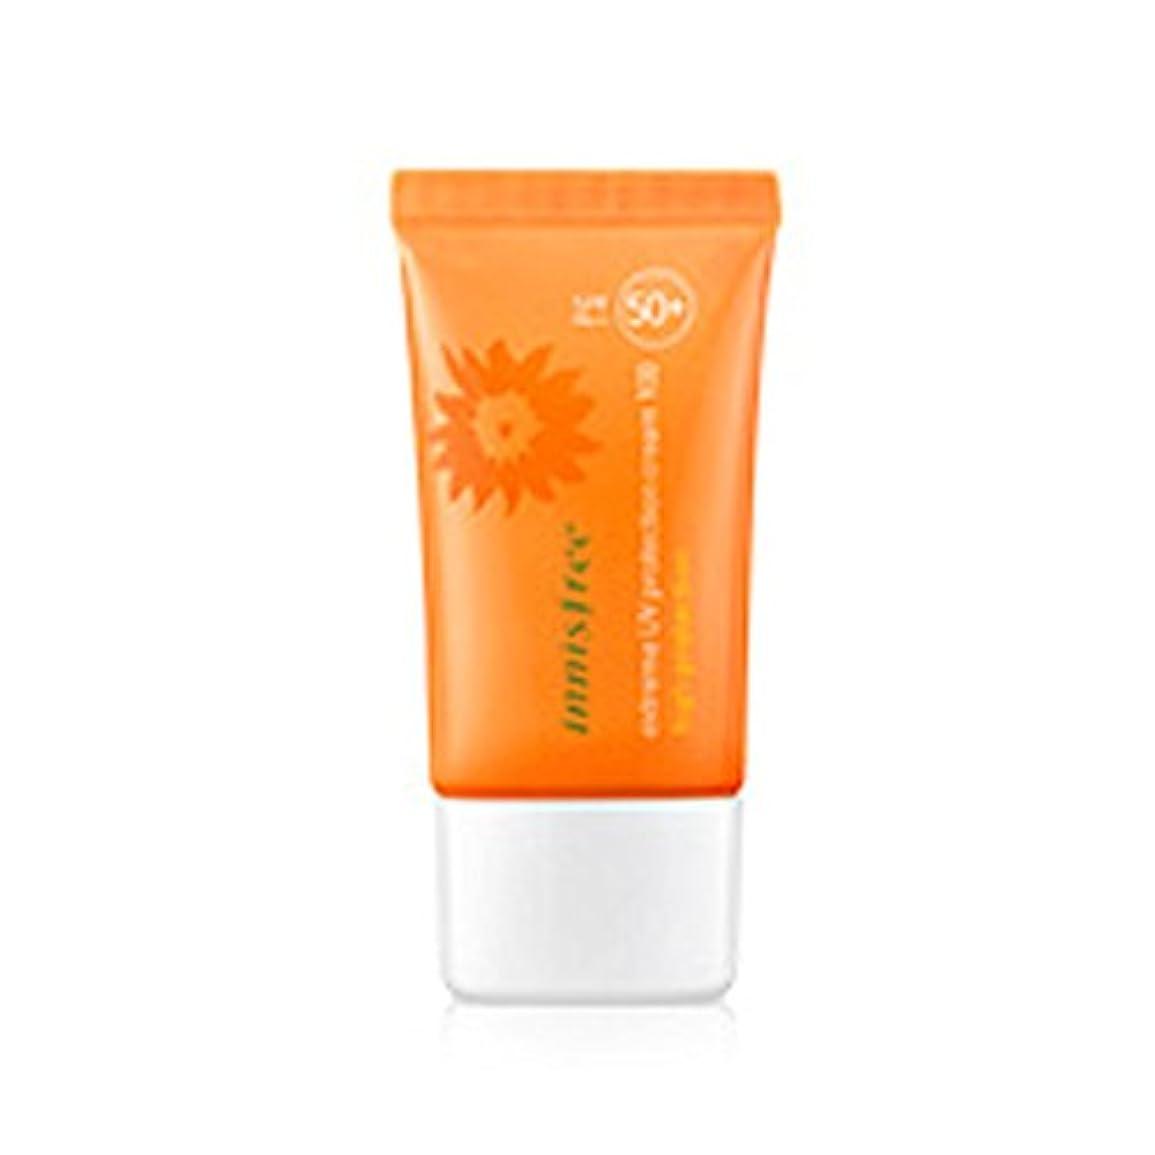 スライム歪める野球イニスフリーエクストリームUVプロテクションクリーム100ハイプロテクション50ml   SPF50 + PA +++ Innisfree Extreme UV Protection Cream100 High Protection...